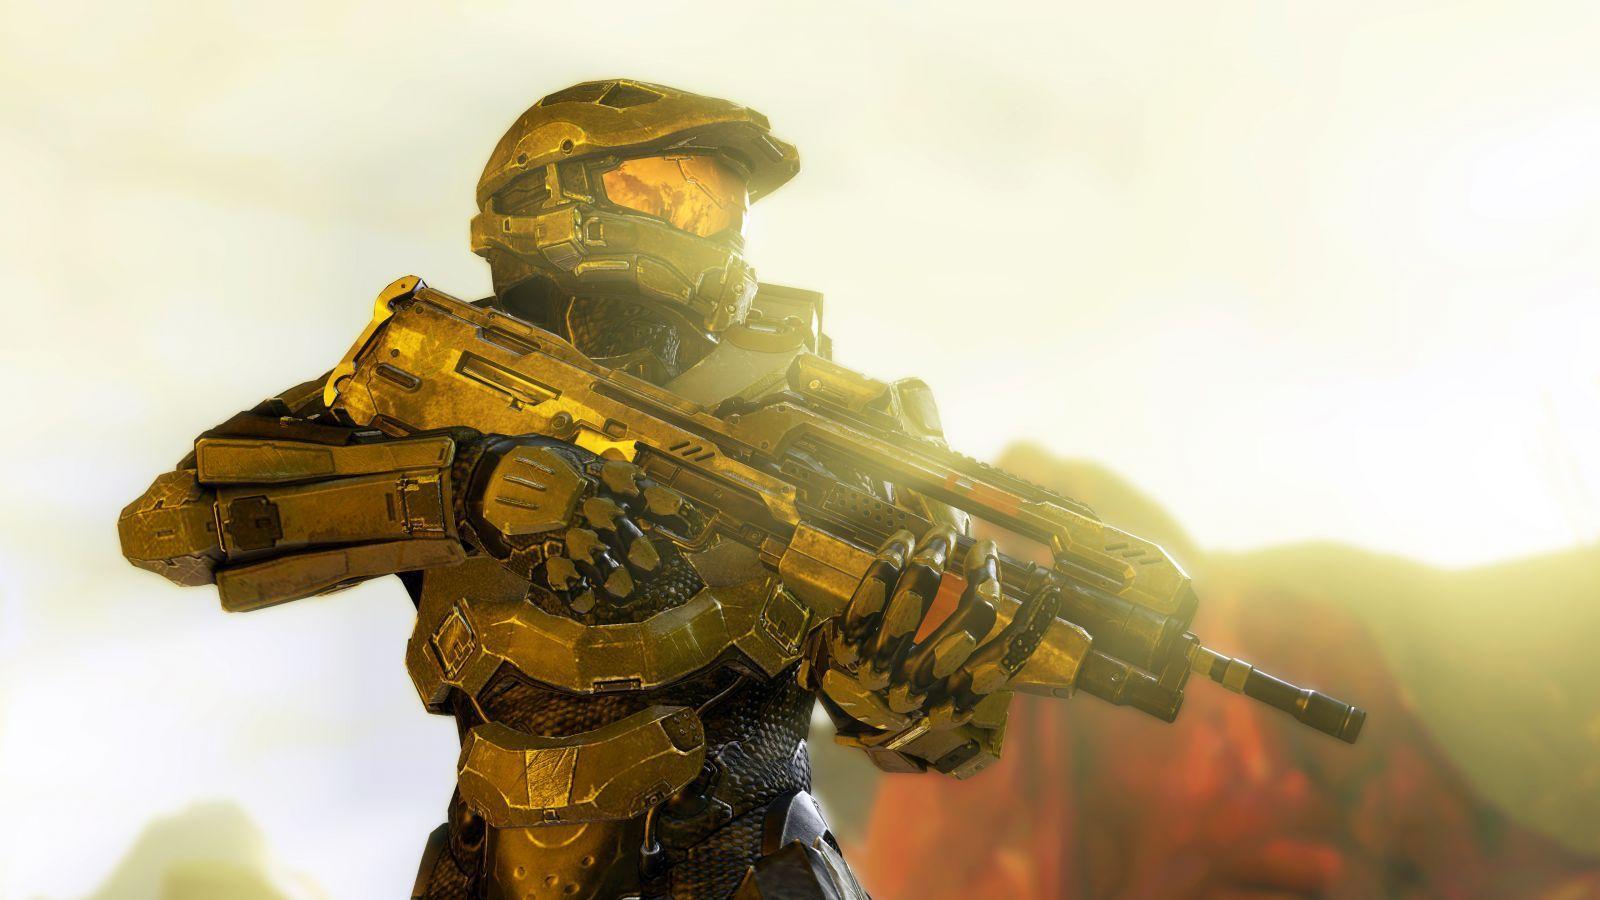 Nové obrázky z Halo 4 a lákání vývojářů na grafiku 61507